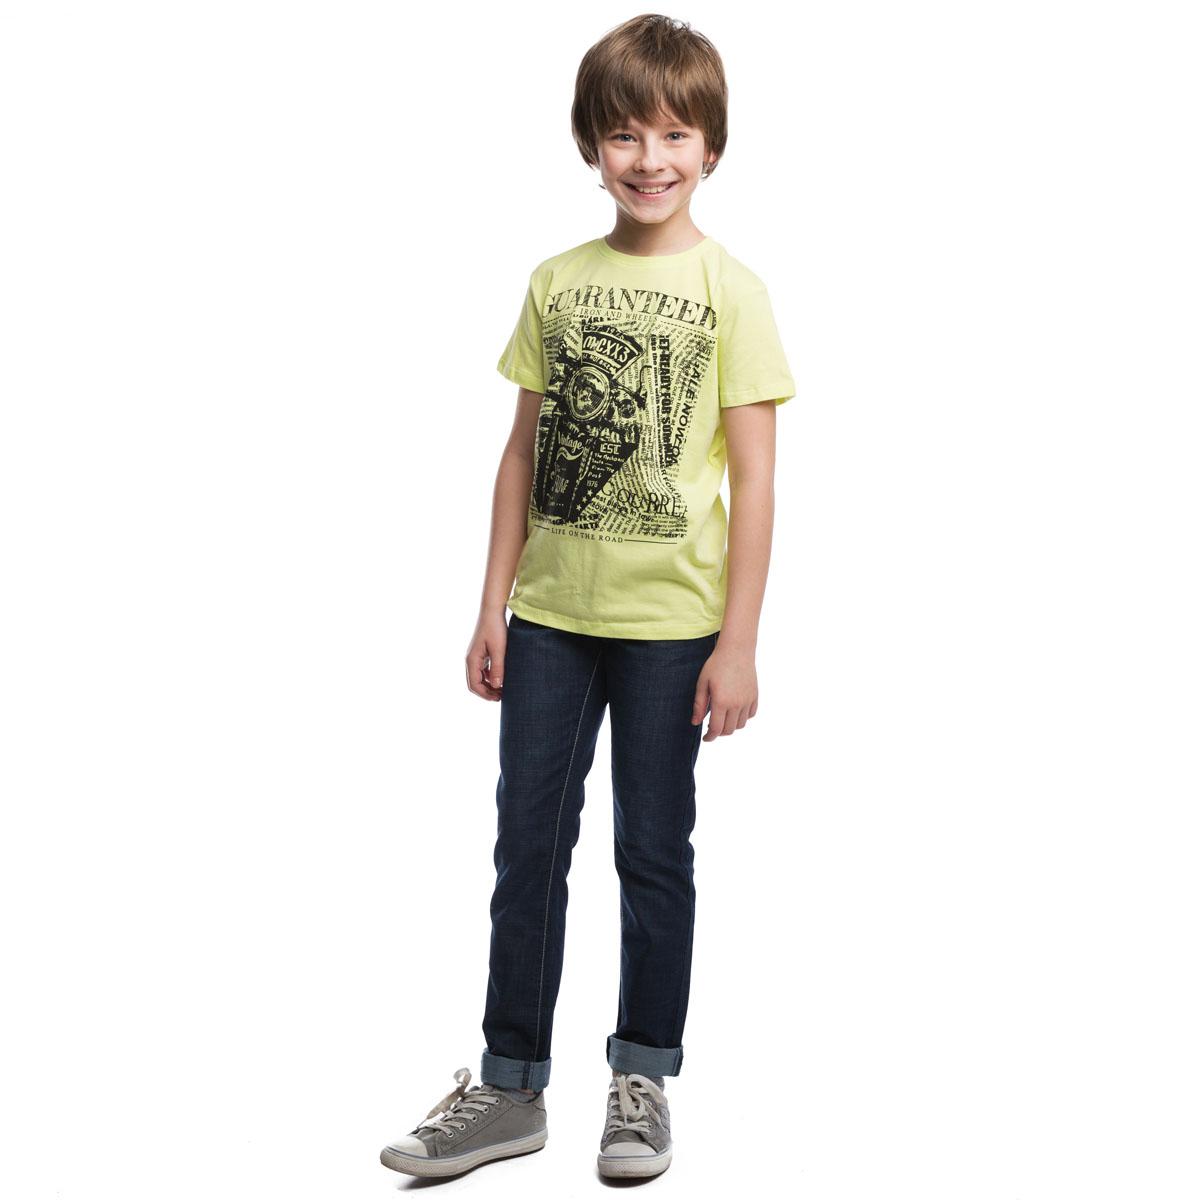 263002Стильные джинсовые брюки темно-синего цвета. Пояс на резинке, дополнительно регулируется шнурком. Спереди и сзади функциональные карманы.